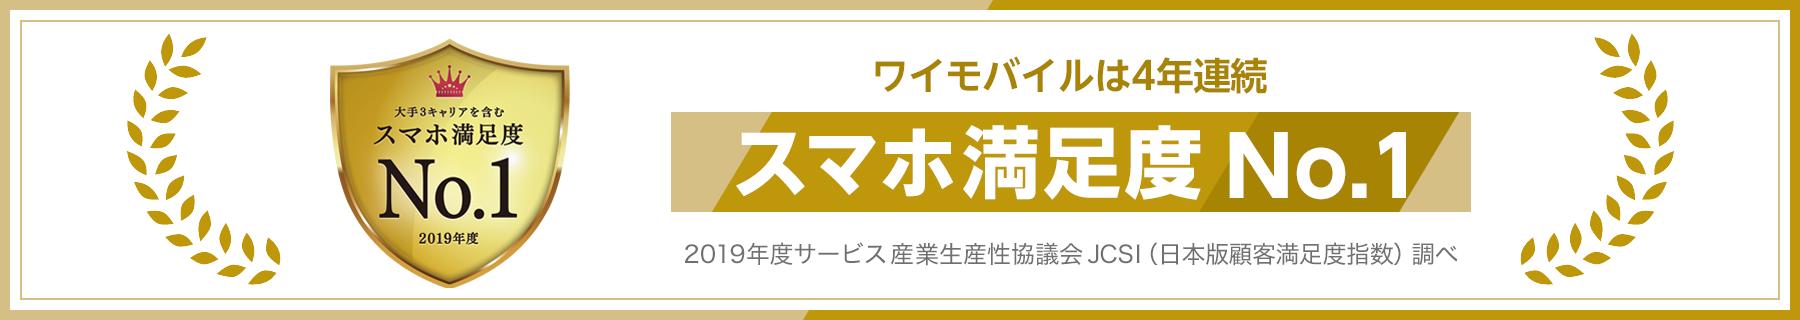 大手3キャリアを含むスマホ満足度ナンバーワン 2019年度 4年連続スマホ満足度ナンバーワン 2019年度サービス産業生産性協議会 JCSI(日本版顧客満足度指数)調べ